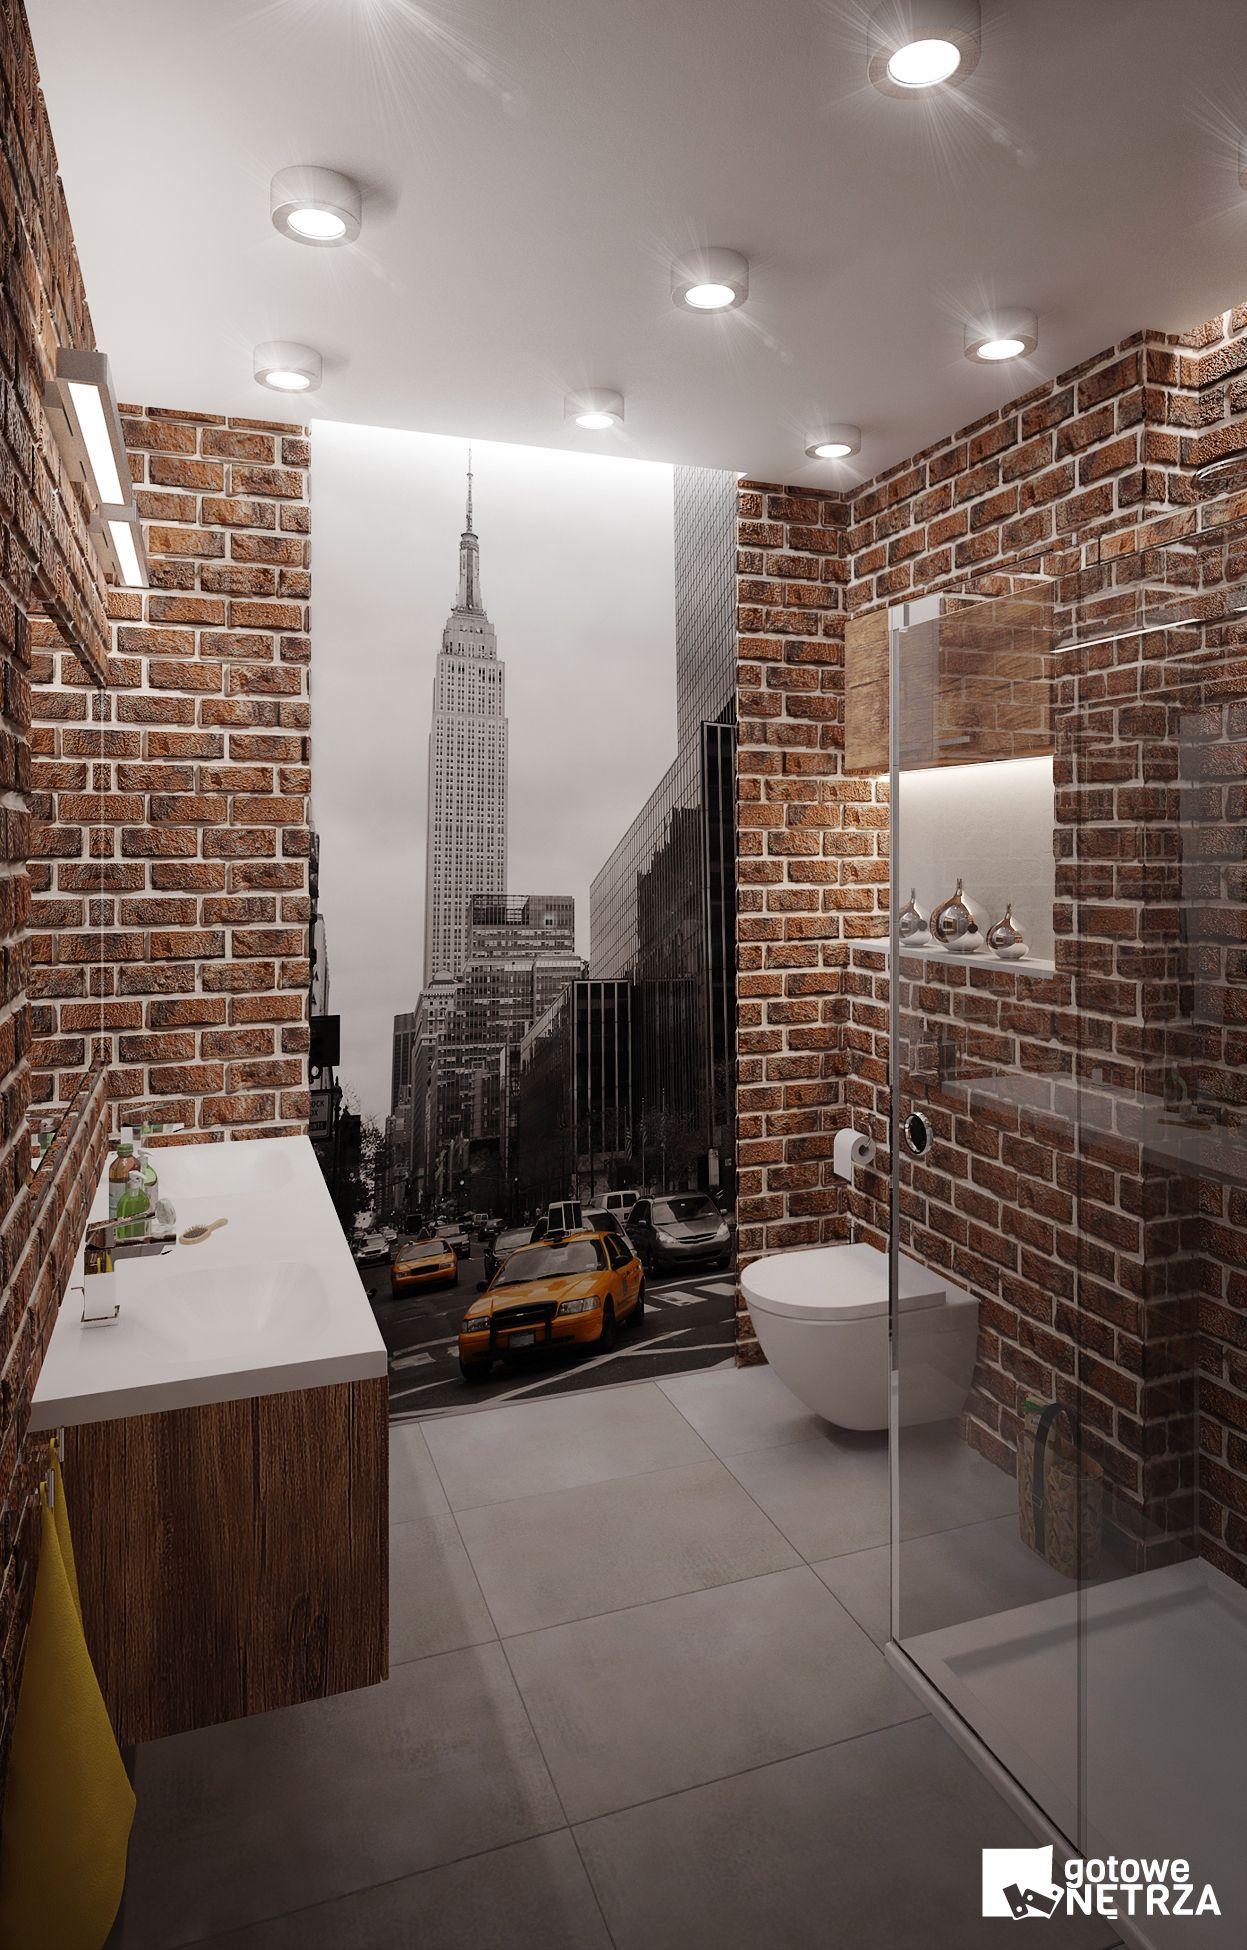 łazienka New York 5 M2 W Stylu Loft W Naszym Sklepie